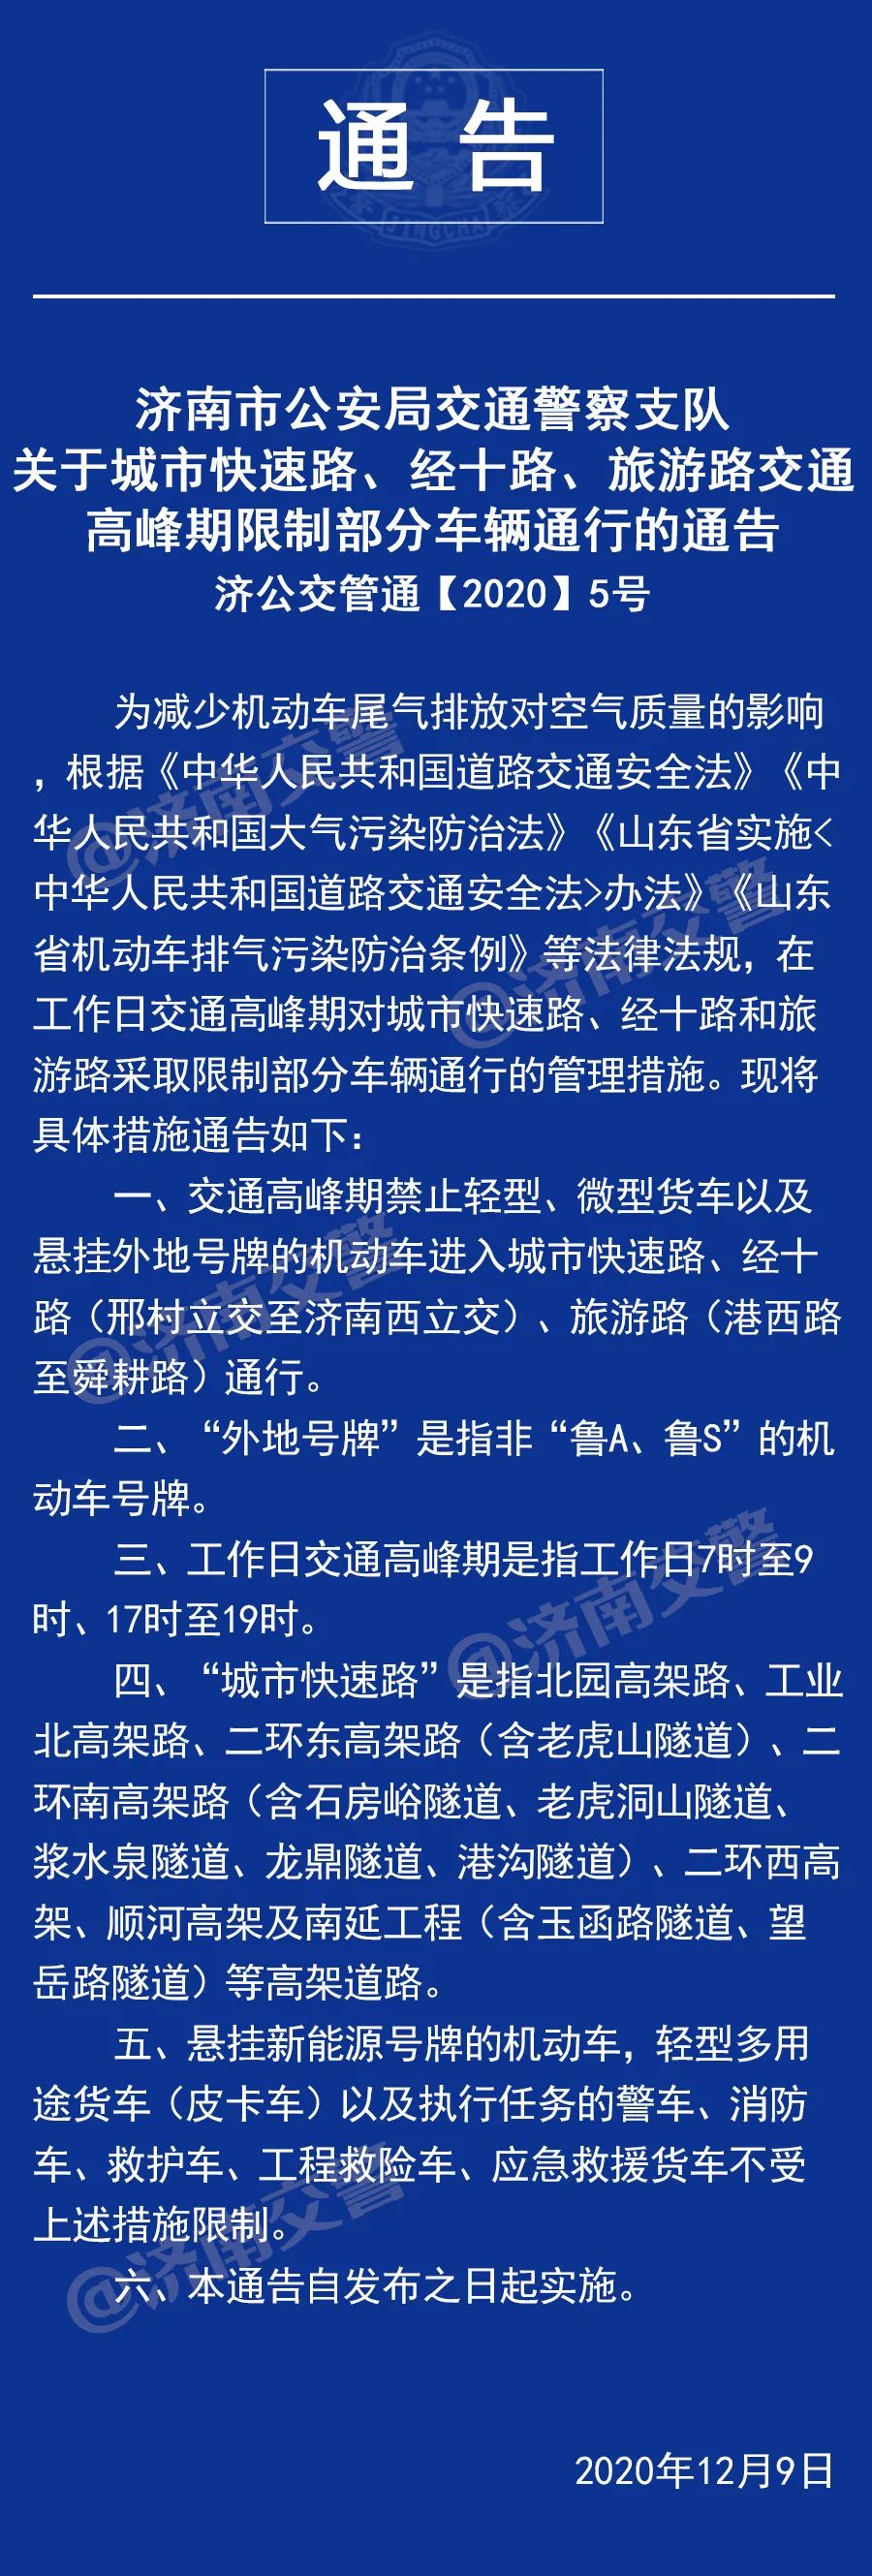 山东济南:工作日高峰期 城市快速路等路段将限制部分车辆通行图片